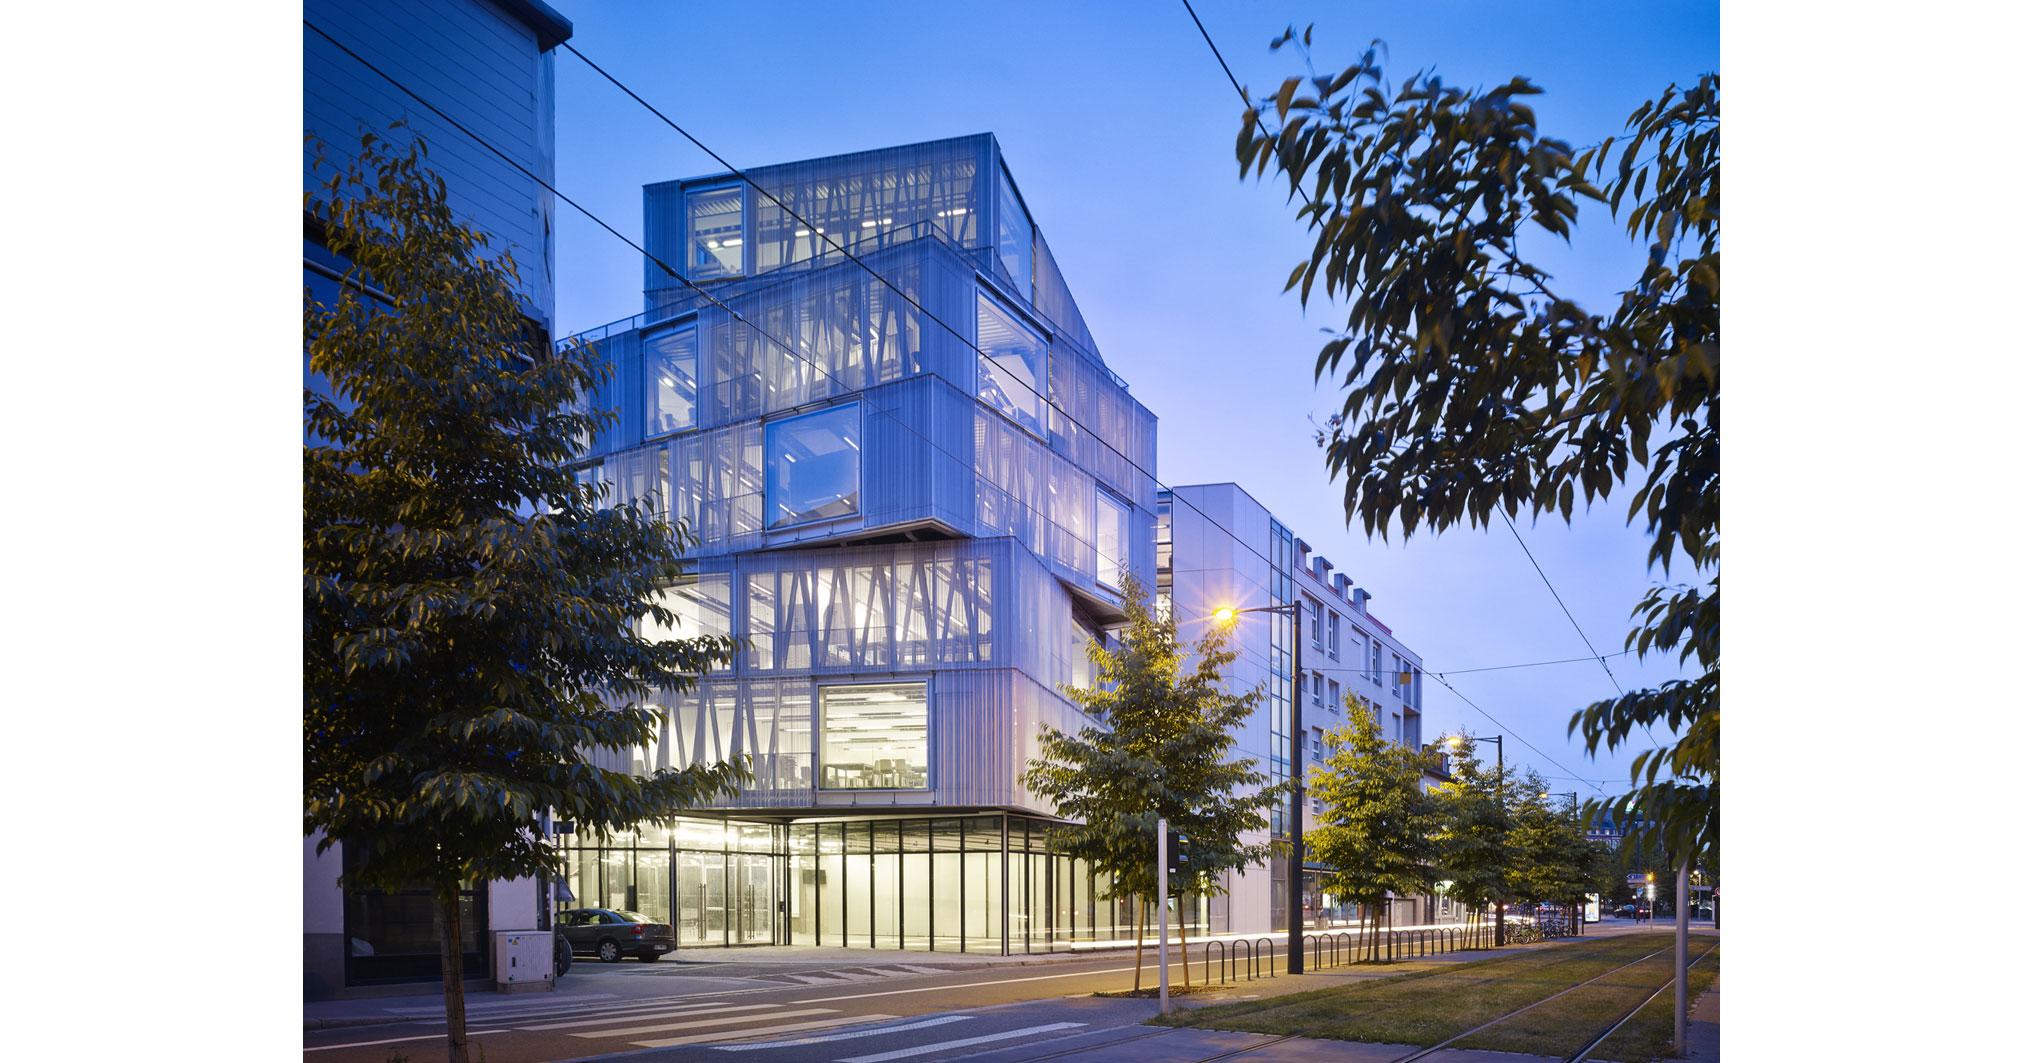 Actualit s archives page 5 sur 12 marc mimram for Cours d architecture en ligne